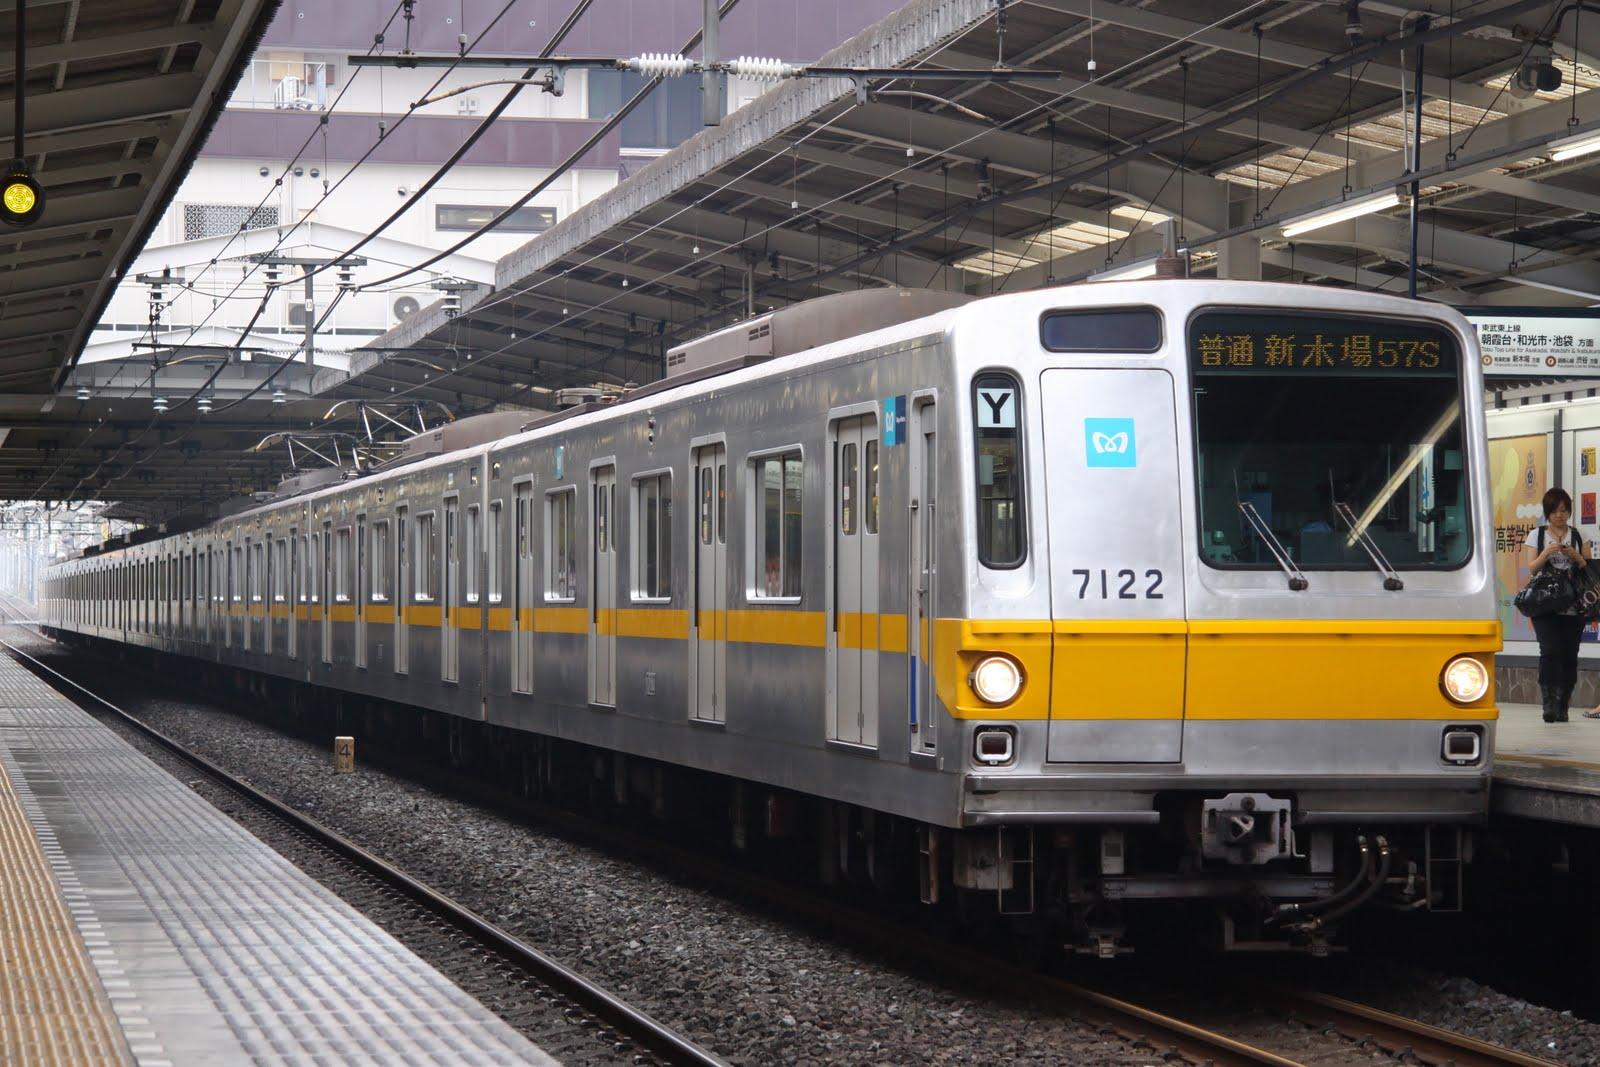 佐野次郎の電車図鑑